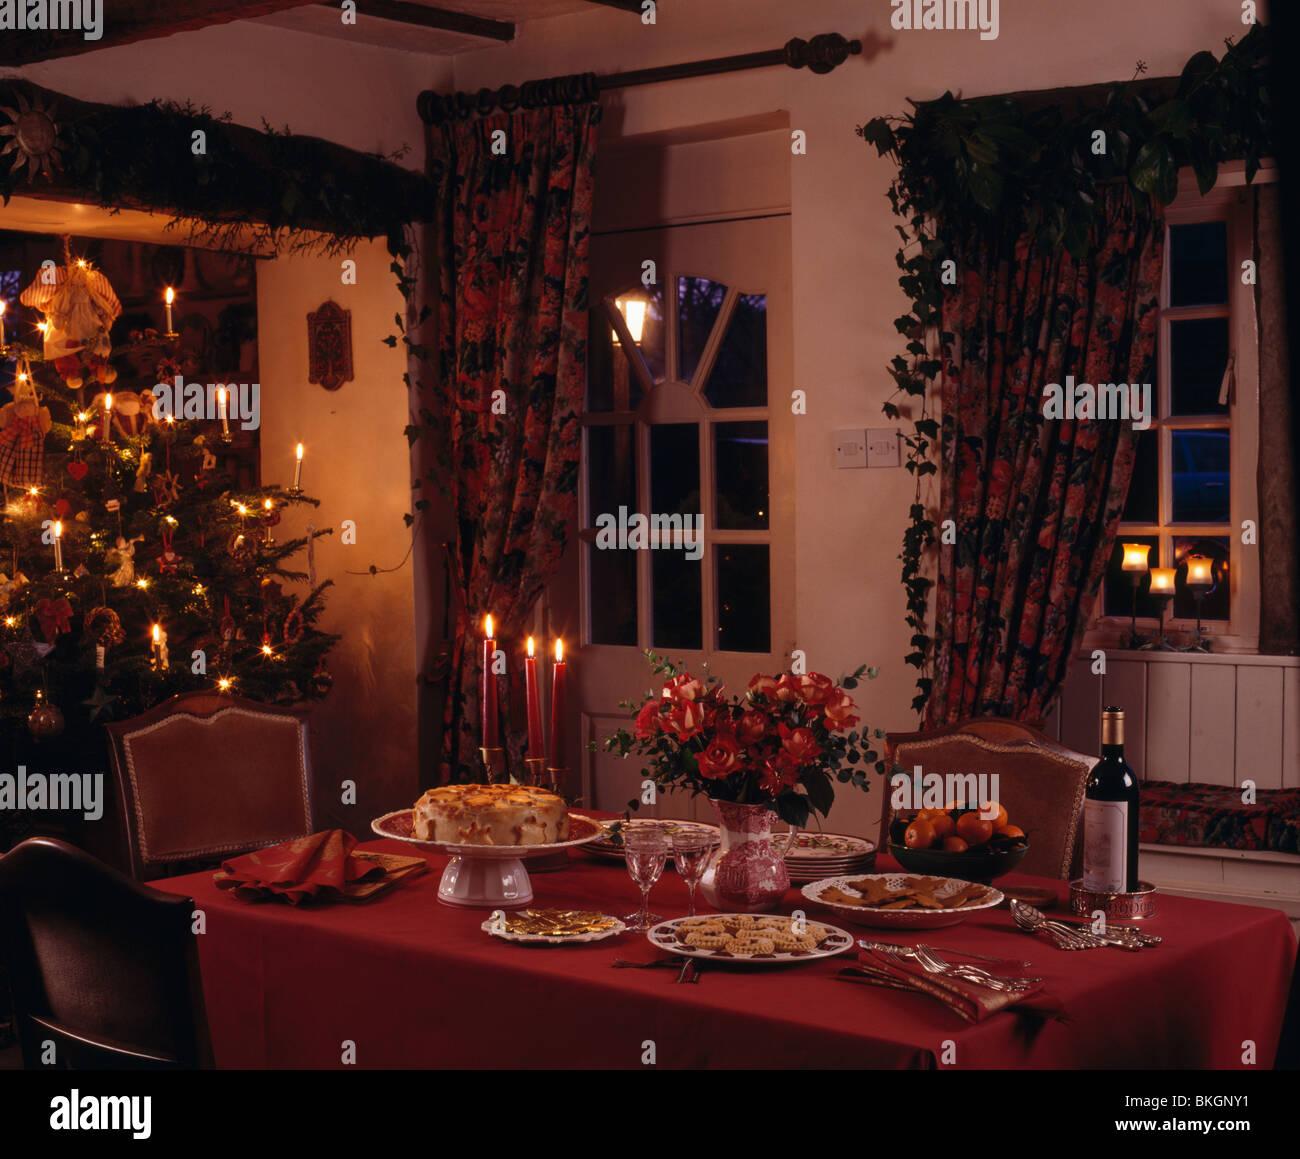 Rotes Tuch auf den Tisch für Weihnachtstee im Ferienhaus Speisesaal ...